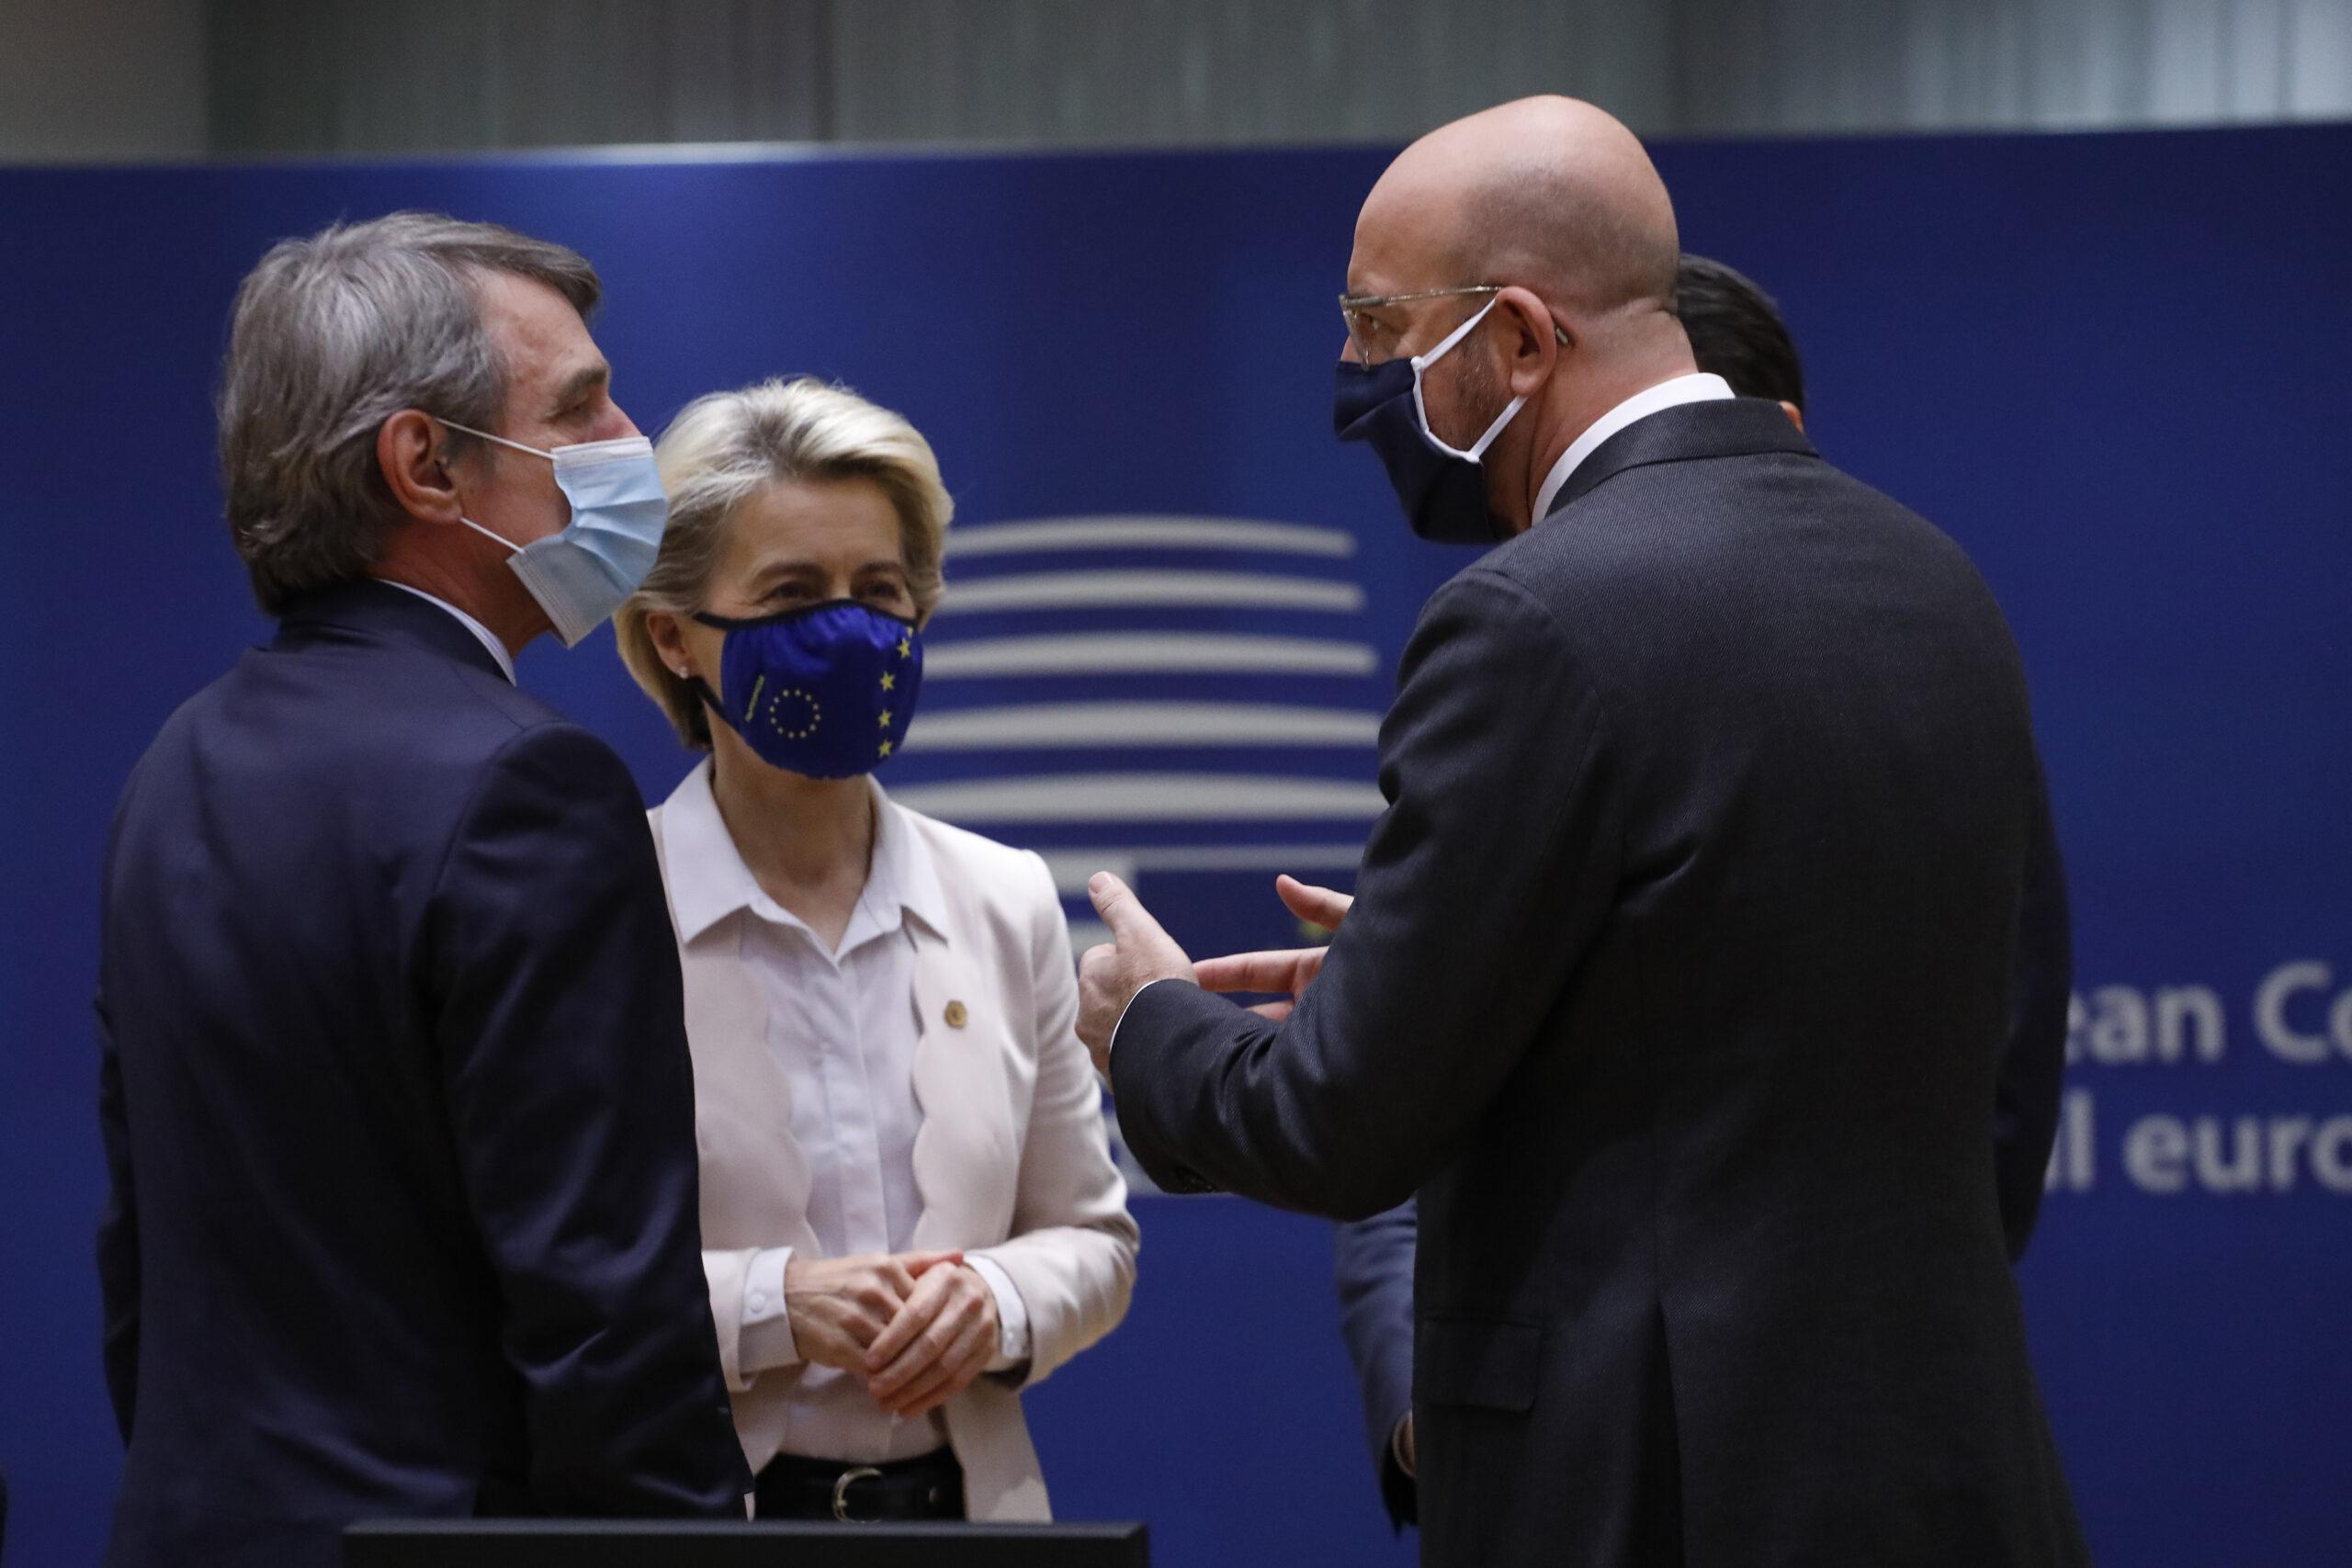 La presidenta de la Comissió, Ursula von der Leyen, del Consell, Charles Michel, i de l'Eurocambra, David Sassoli | ACN